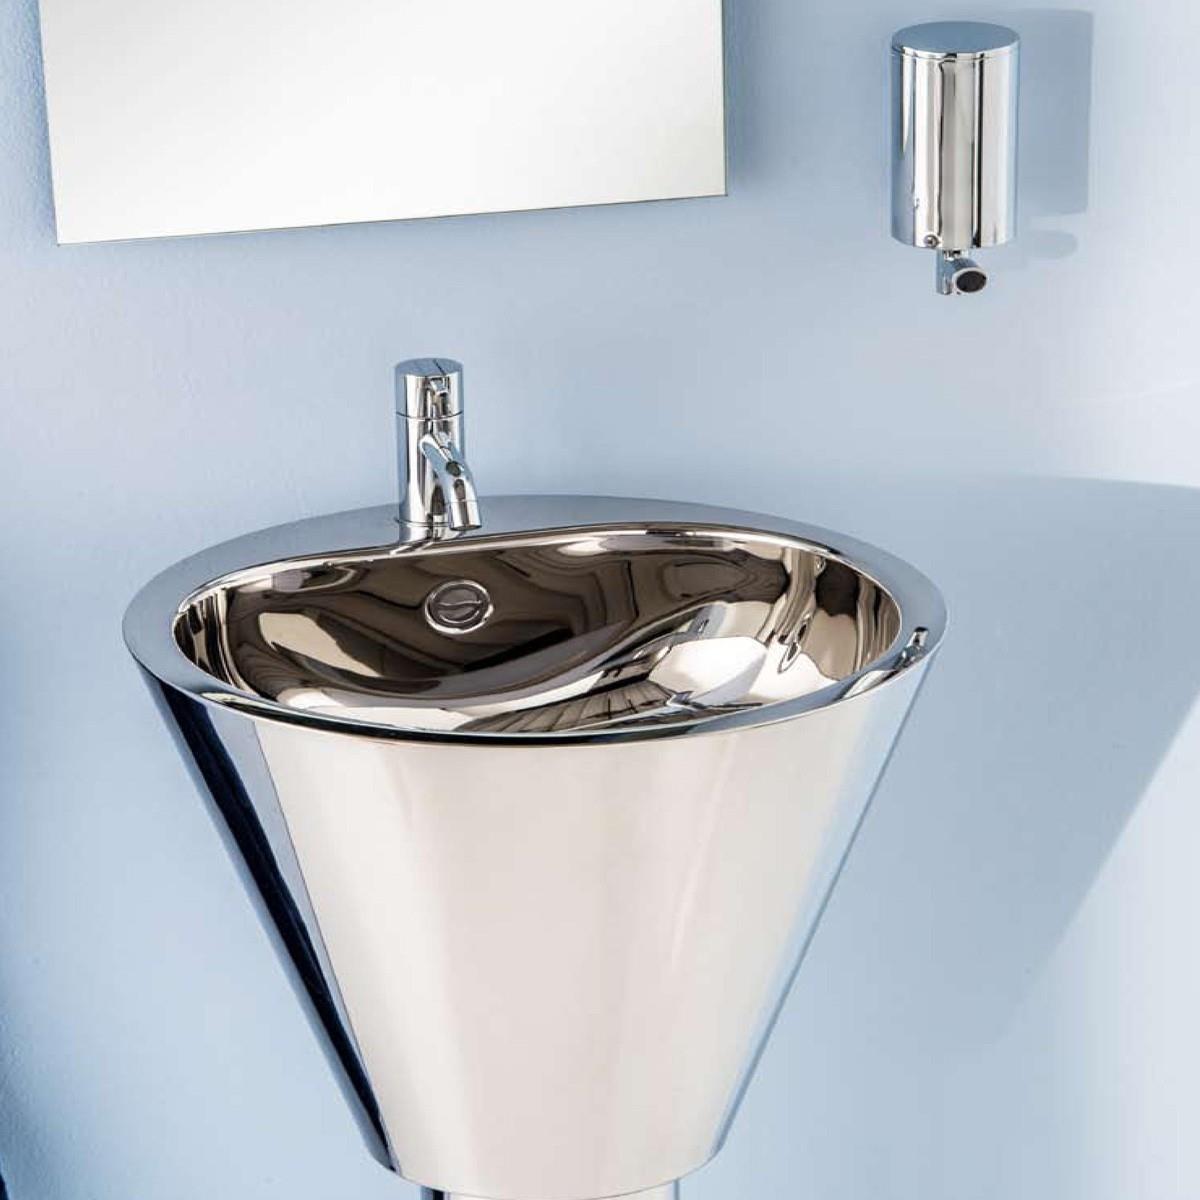 euclide freistehender waschtsich von rapsel badeinrichtung termocenter. Black Bedroom Furniture Sets. Home Design Ideas